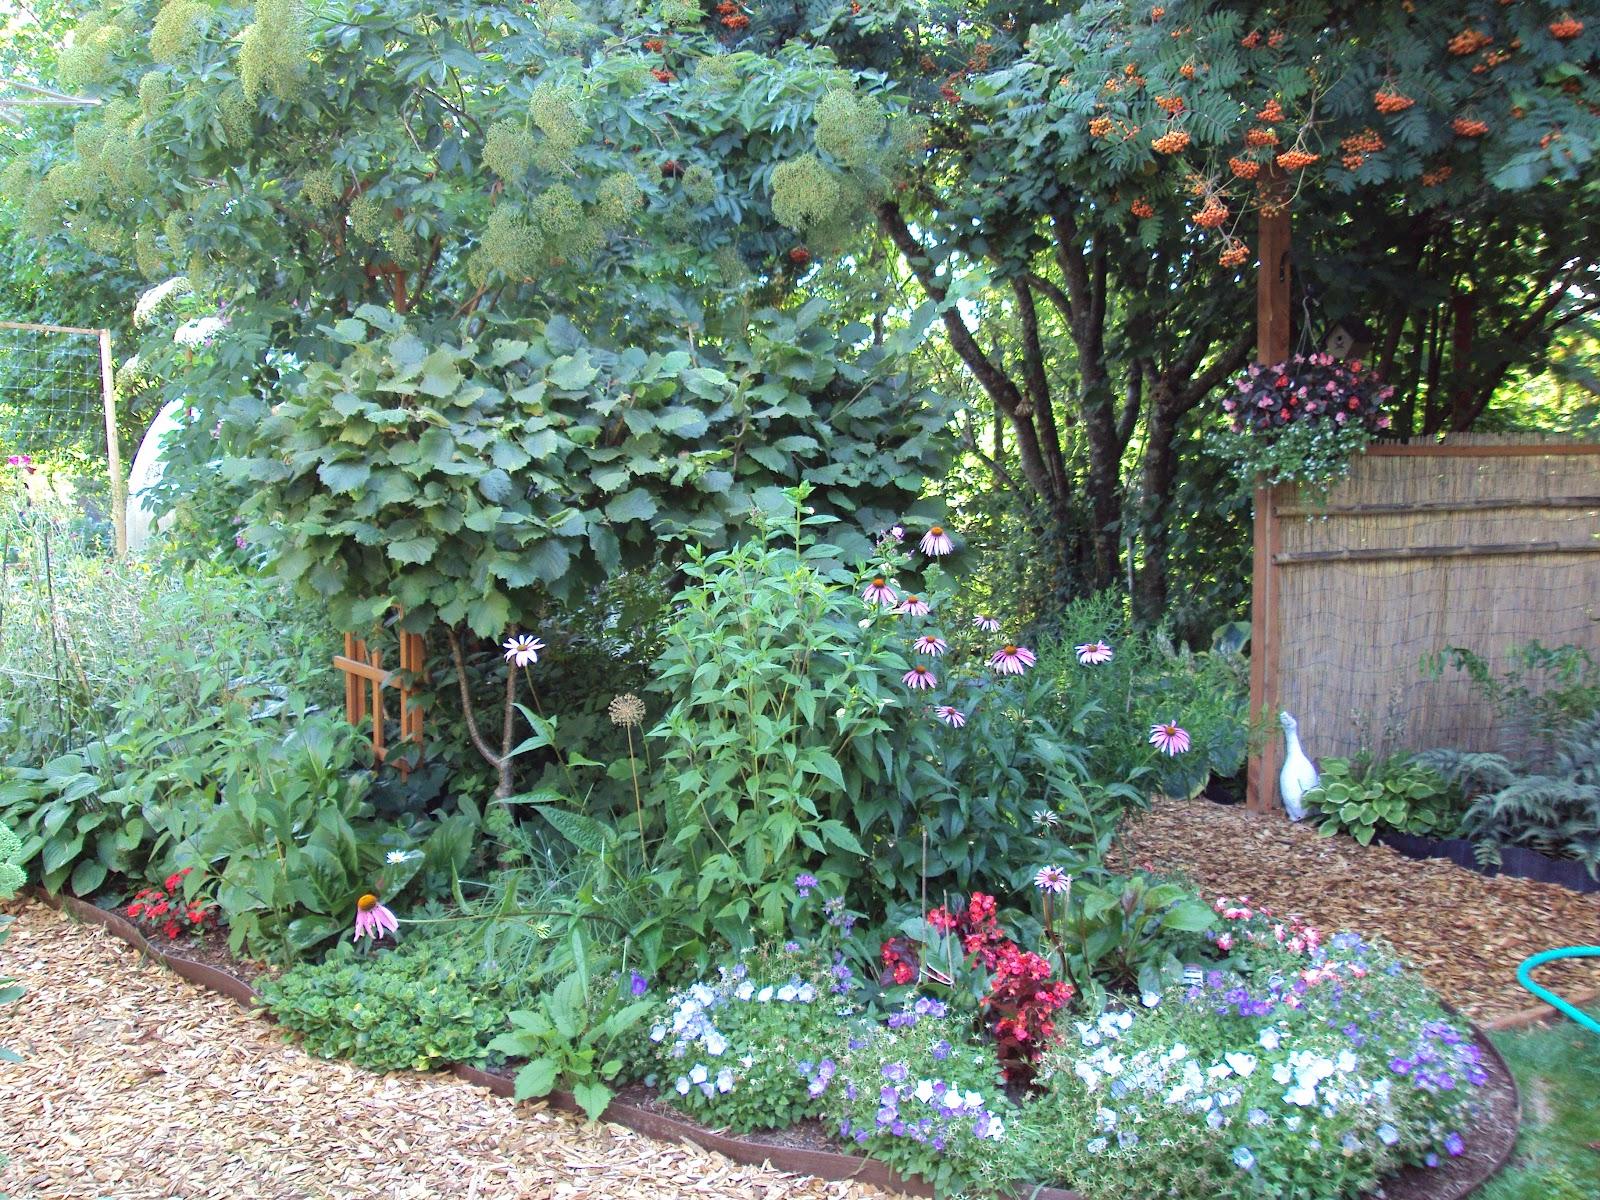 Lindas Serenity Garden Garden Design Garden Focal Points